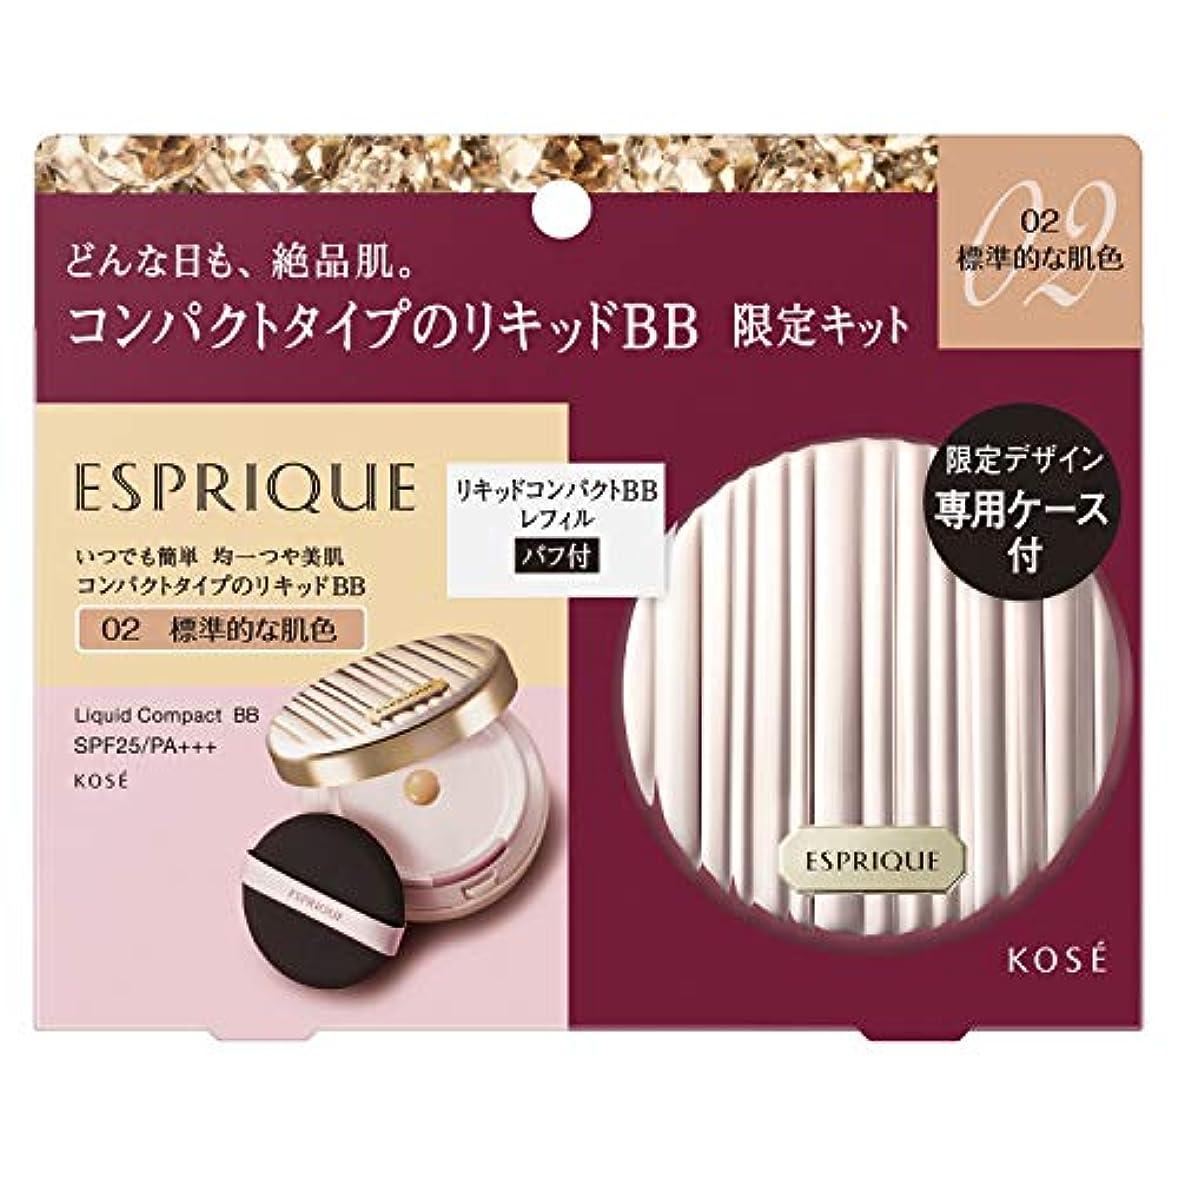 提案するダイヤル励起ESPRIQUE(エスプリーク) エスプリーク リキッド コンパクト BB 限定キット 2 BBクリーム 02 標準的な肌色 セット 13g+ケース付き